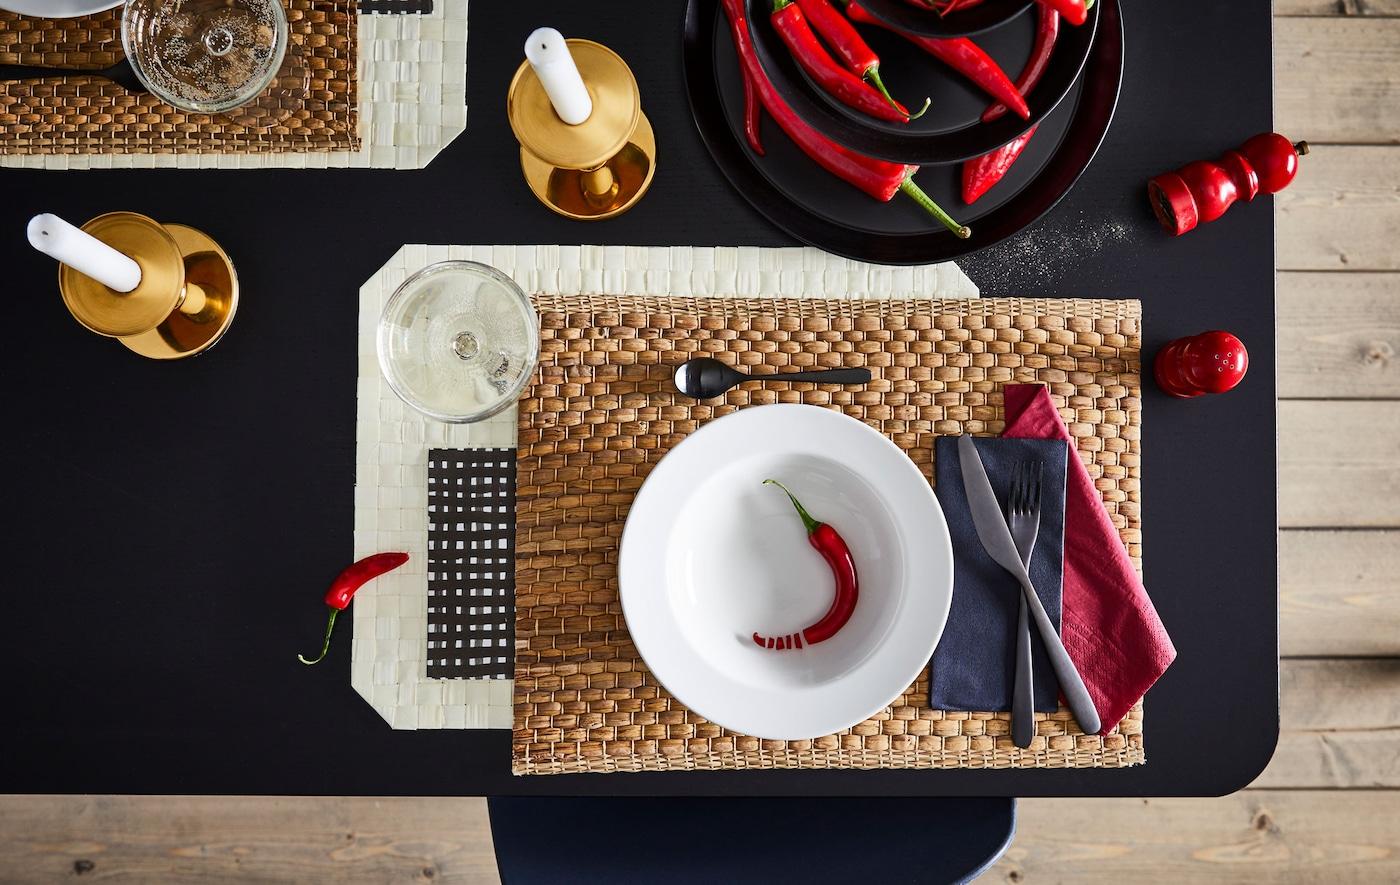 Odeljak trpezarijskog stola, vešto postavljen za jednu osobu, s usklađenim bojama, oblicima i materijalima.